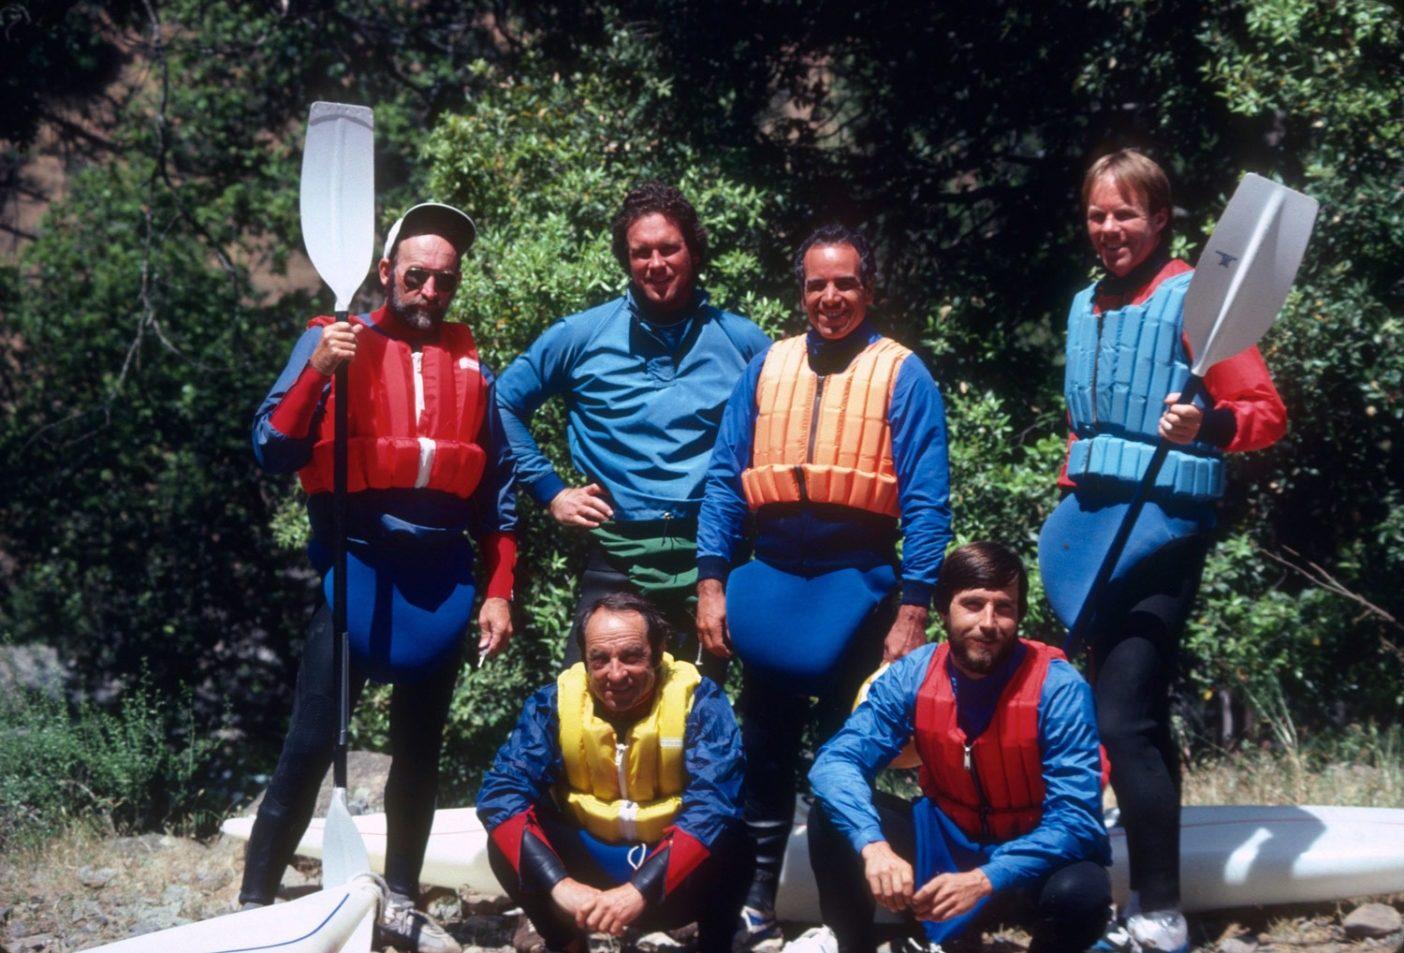 後列:ロイヤル・ロビンス、ケン・ケロウィッツ、ダグ・トンプキンス、ピート・バックリー。前列:イヴォン・シュイナード、トム・マンチョ。カリフォルニア州トウラミ・リバー。1981年。Photo: Rob Lesser